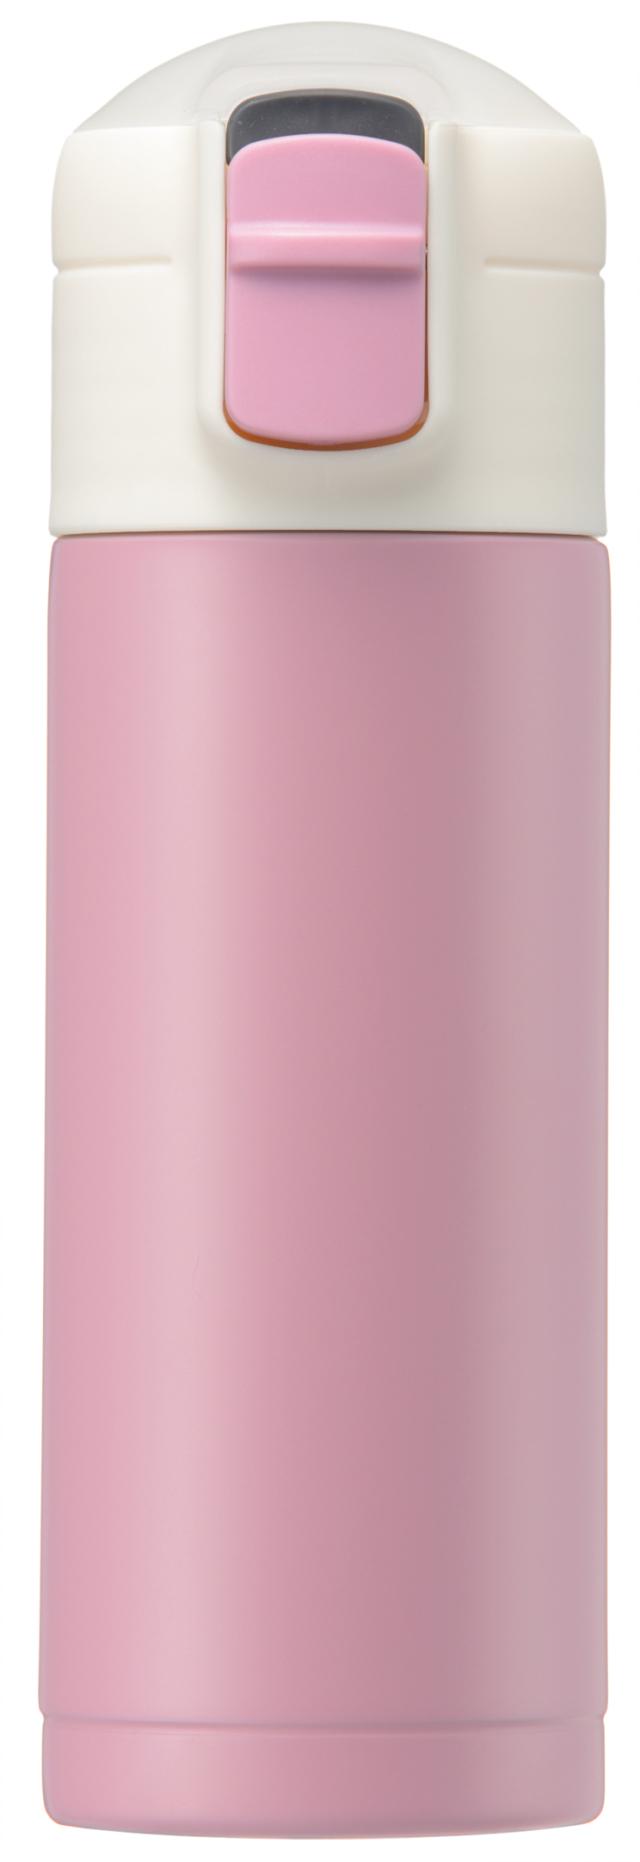 ピルケース付プチボトル150ml(ピンク)